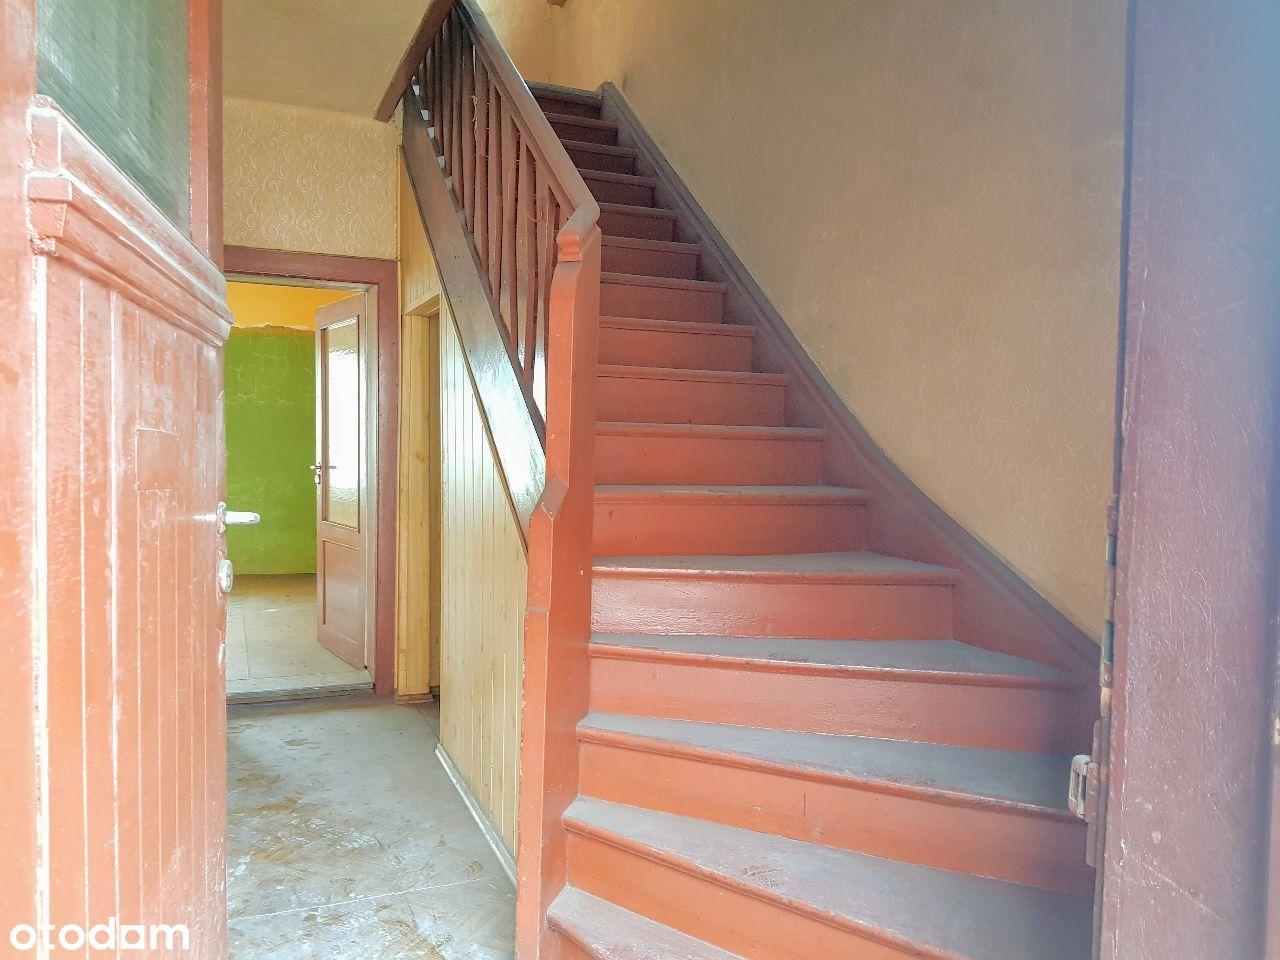 Mieszkanie dwupoziomowe z własnym wejściem